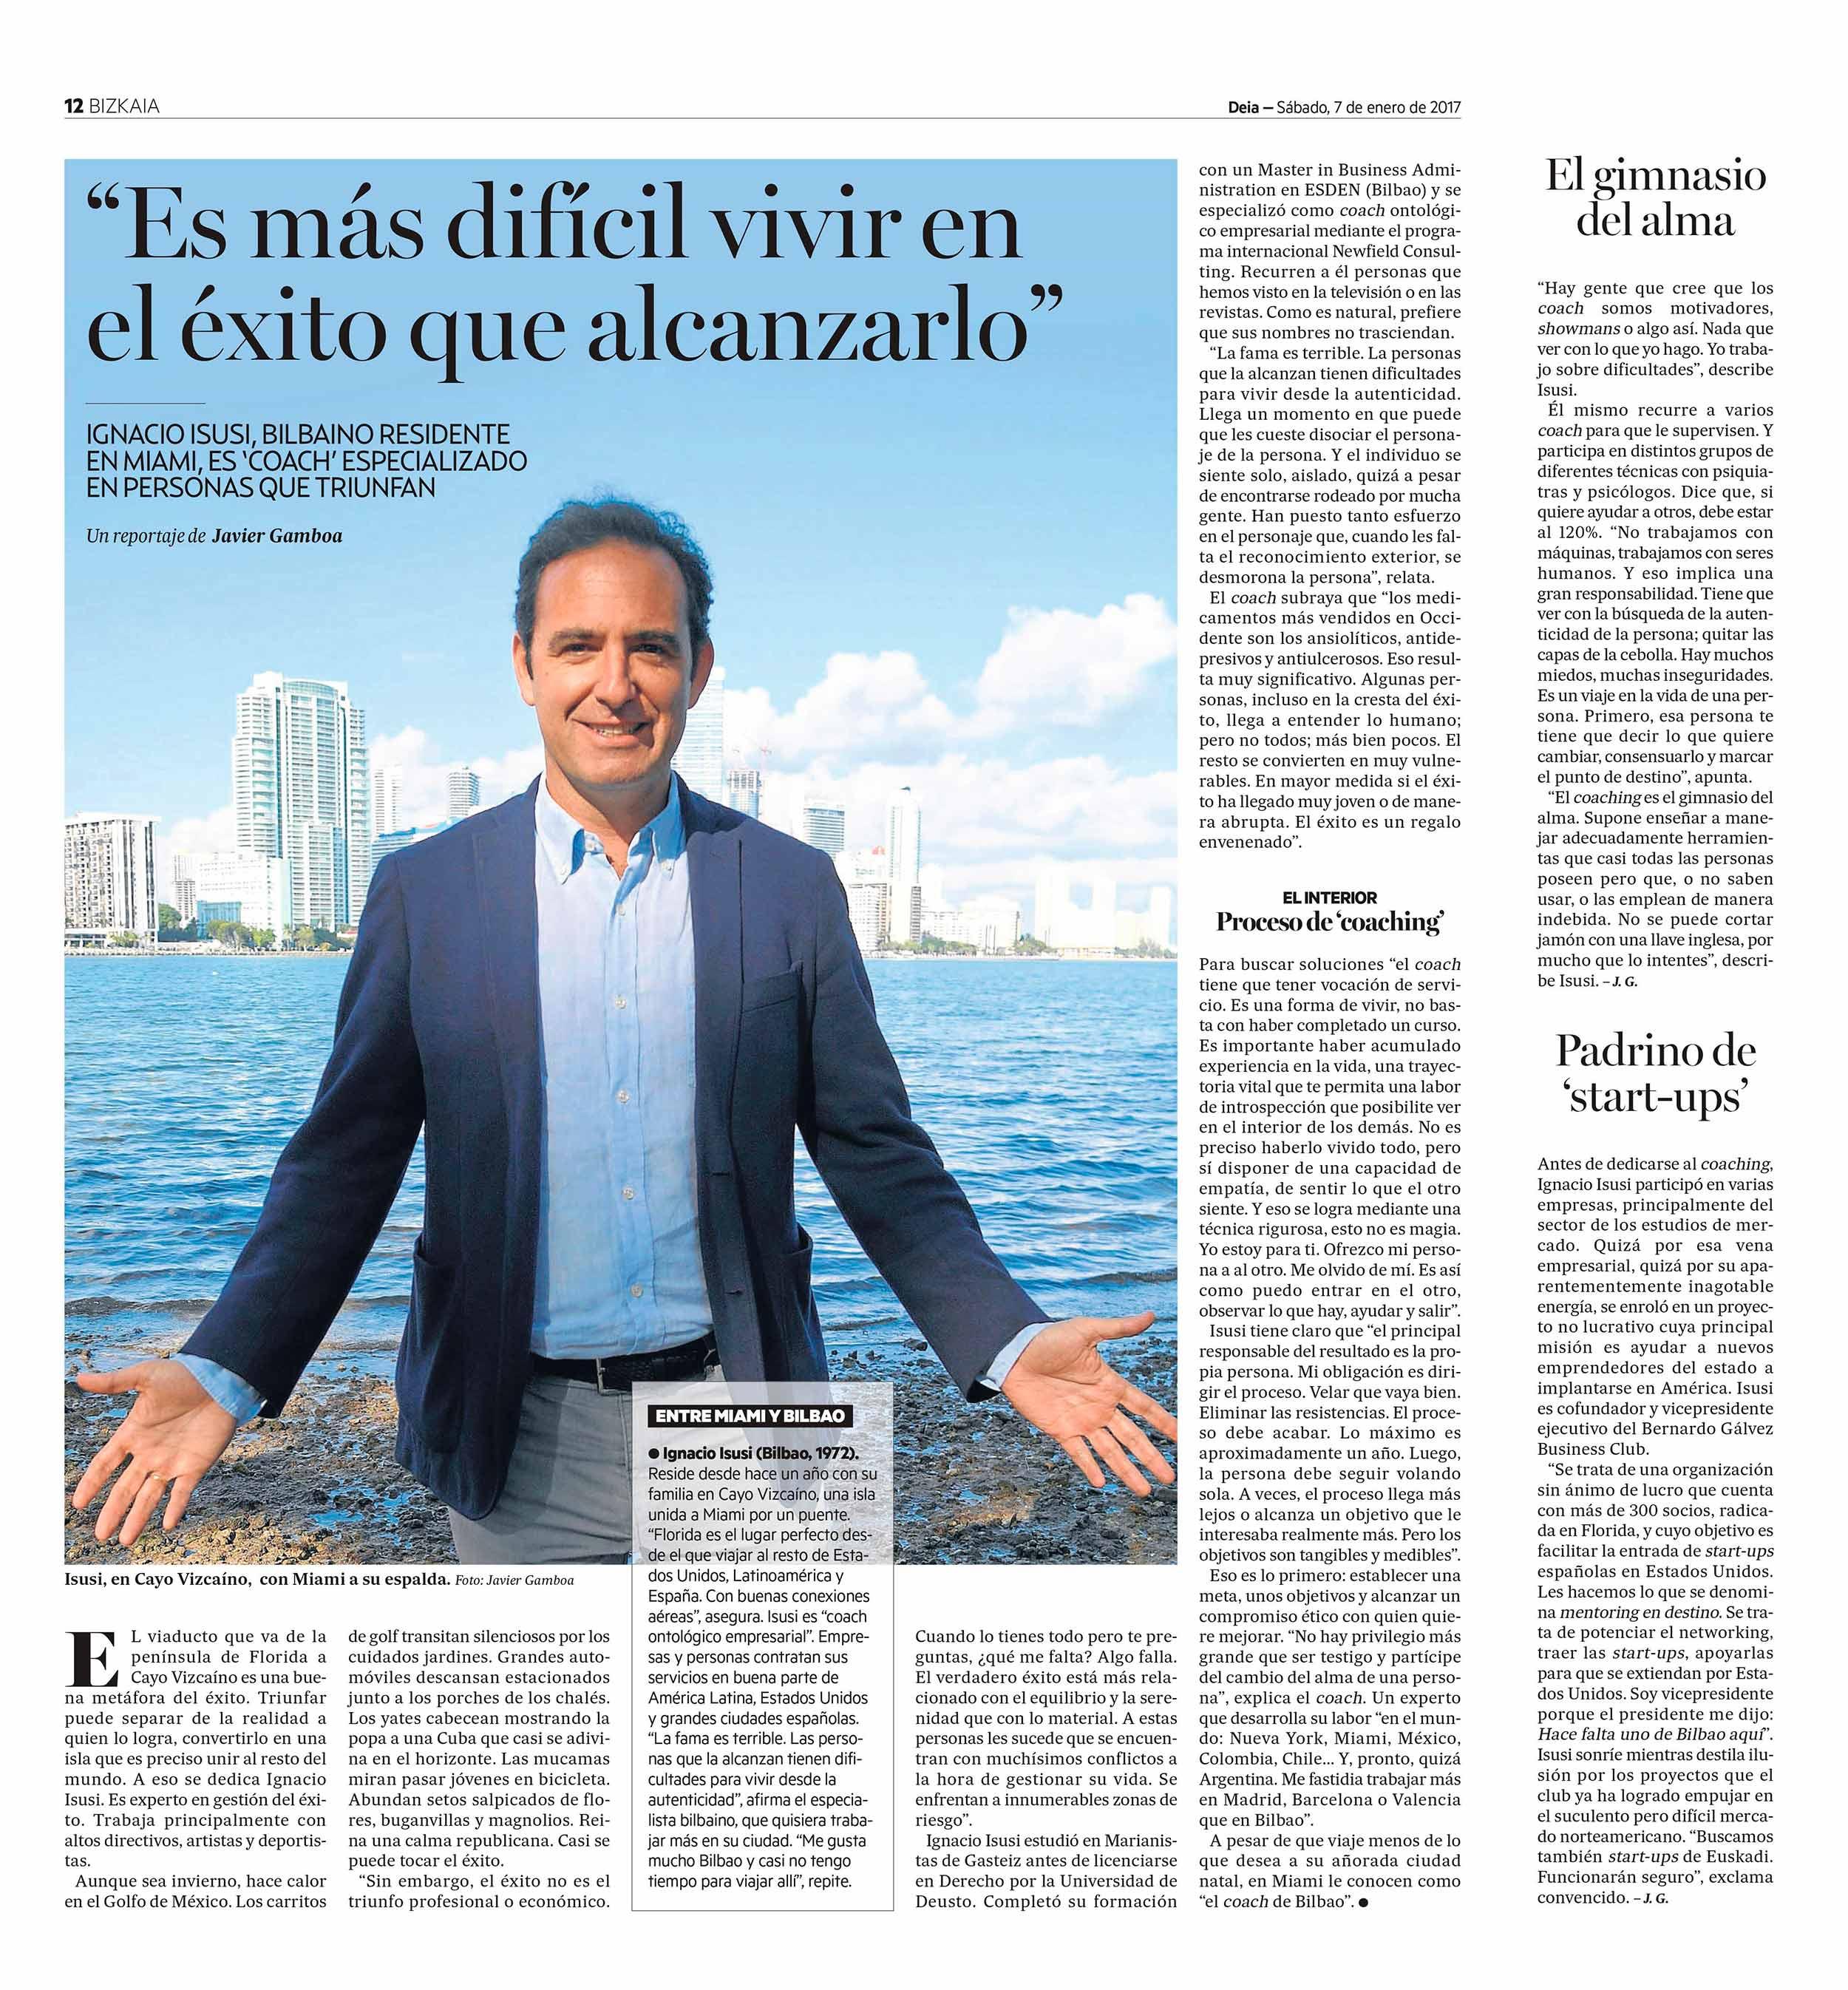 Ignacio Isusi - Deia